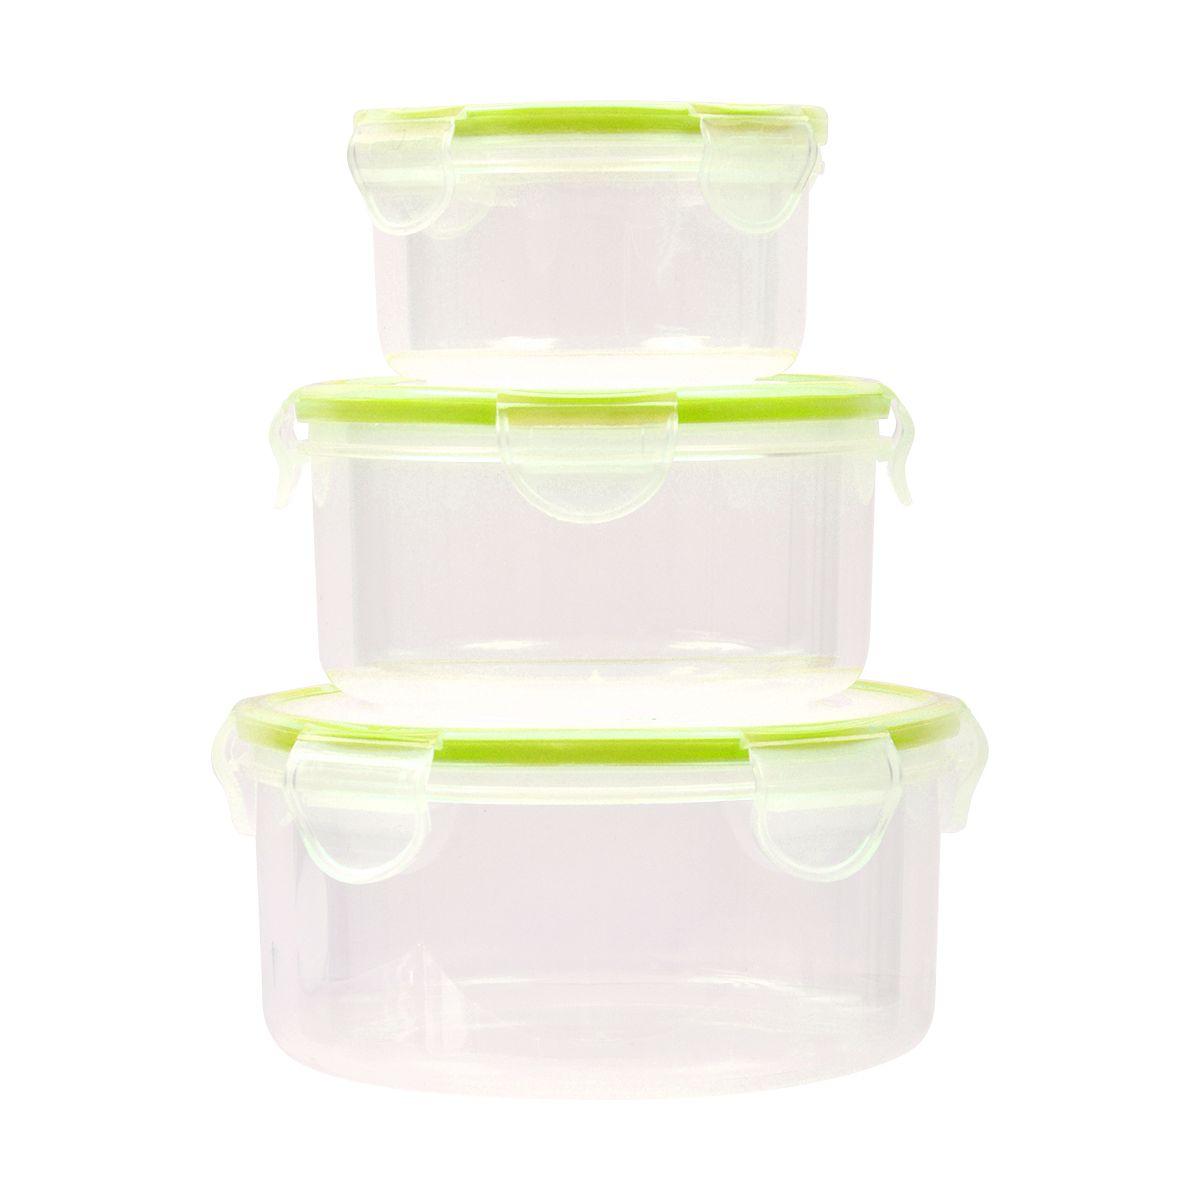 Boîte de conservation ESSENTIELB 3 boîtes plastiques rondes